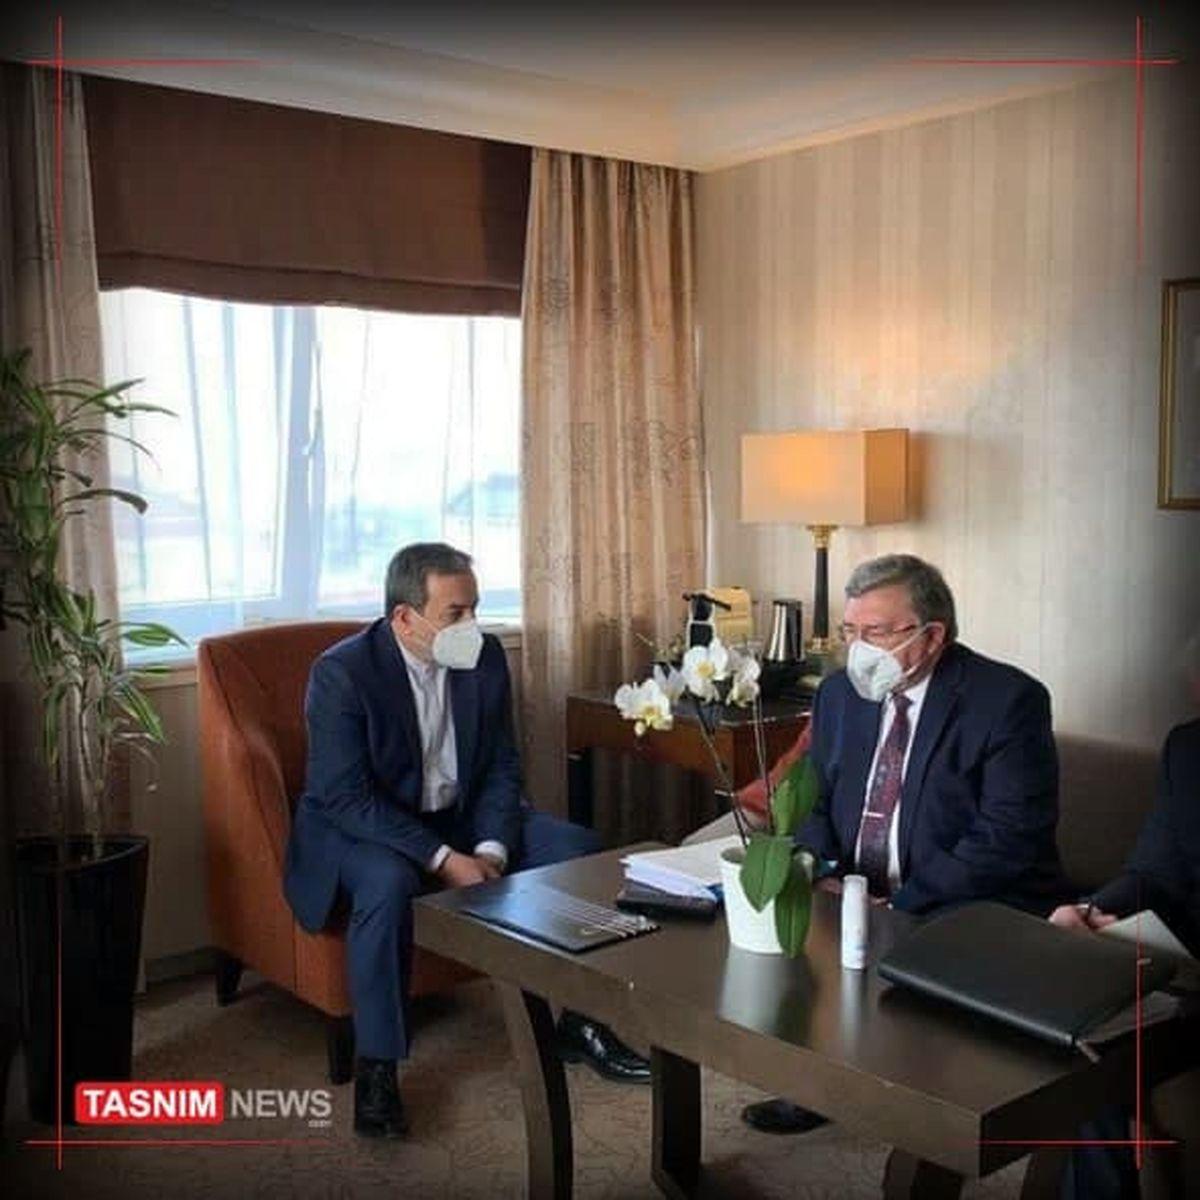 جلسه ایران و روسیه در آستانه نشست کمیسیون برجام